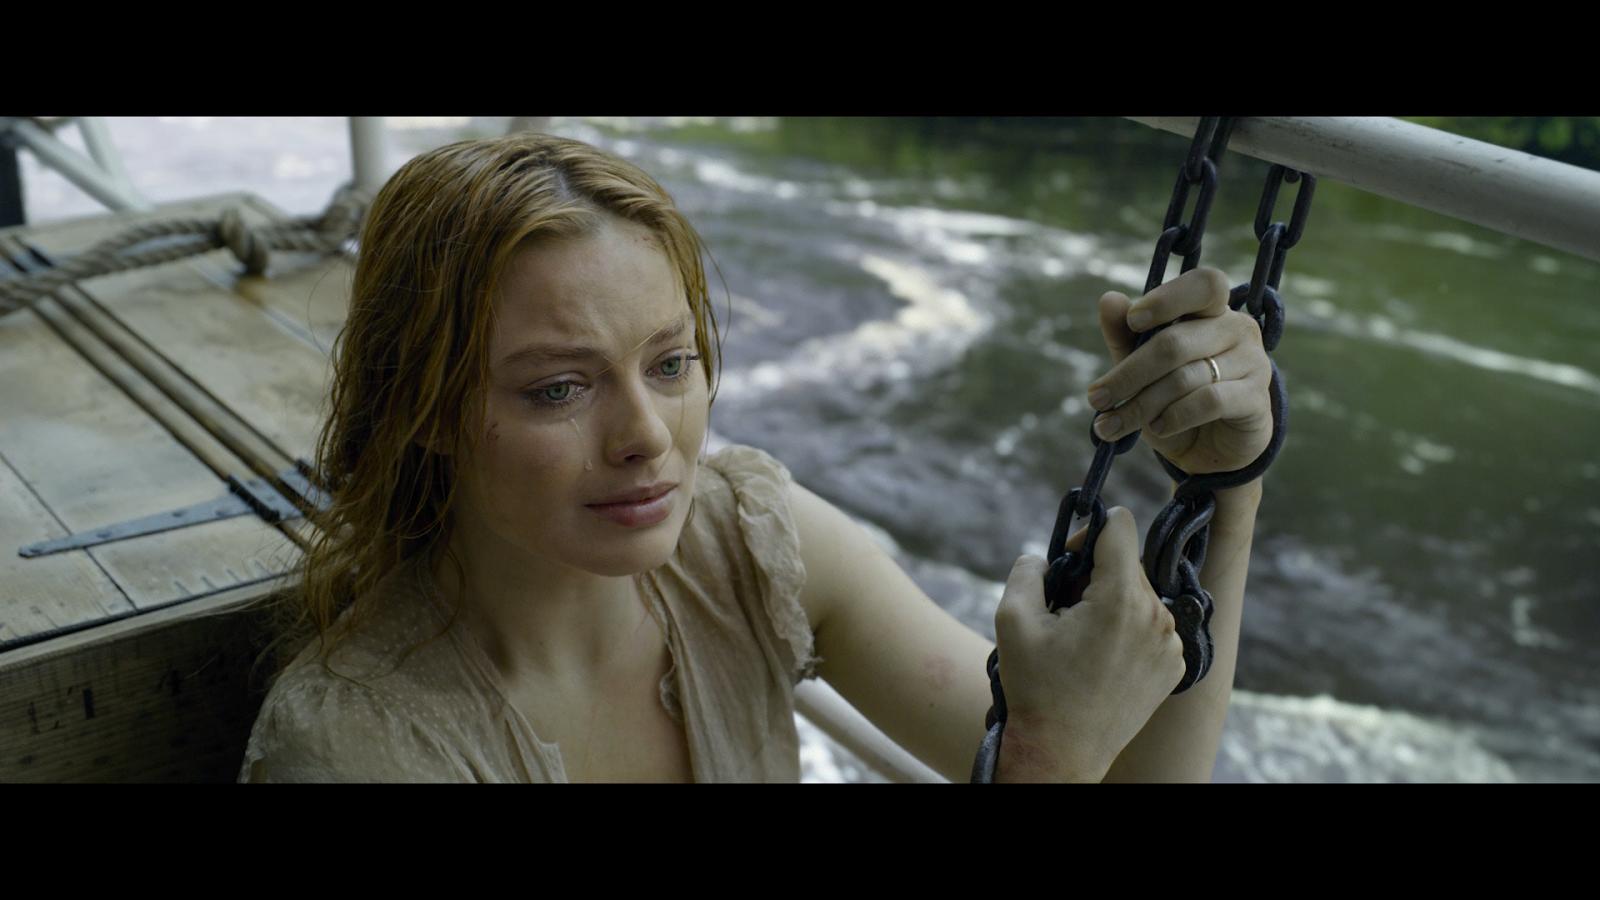 La Leyenda De Tarzan (2016) 1080p BD25 4